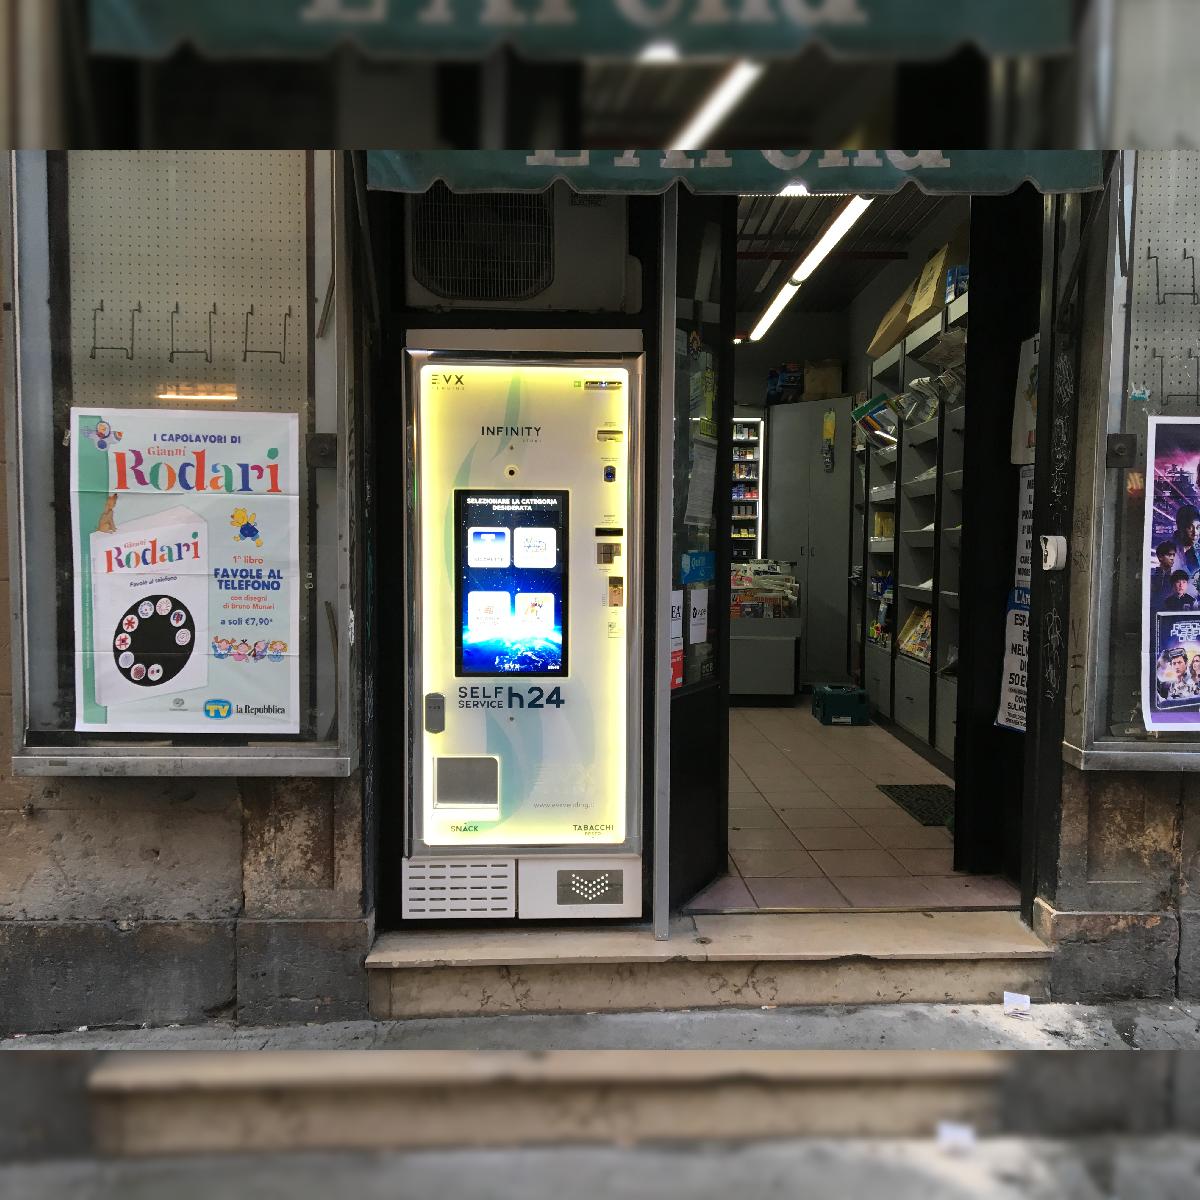 Distributore automatico di sigarette EVX Infinity Store (2)